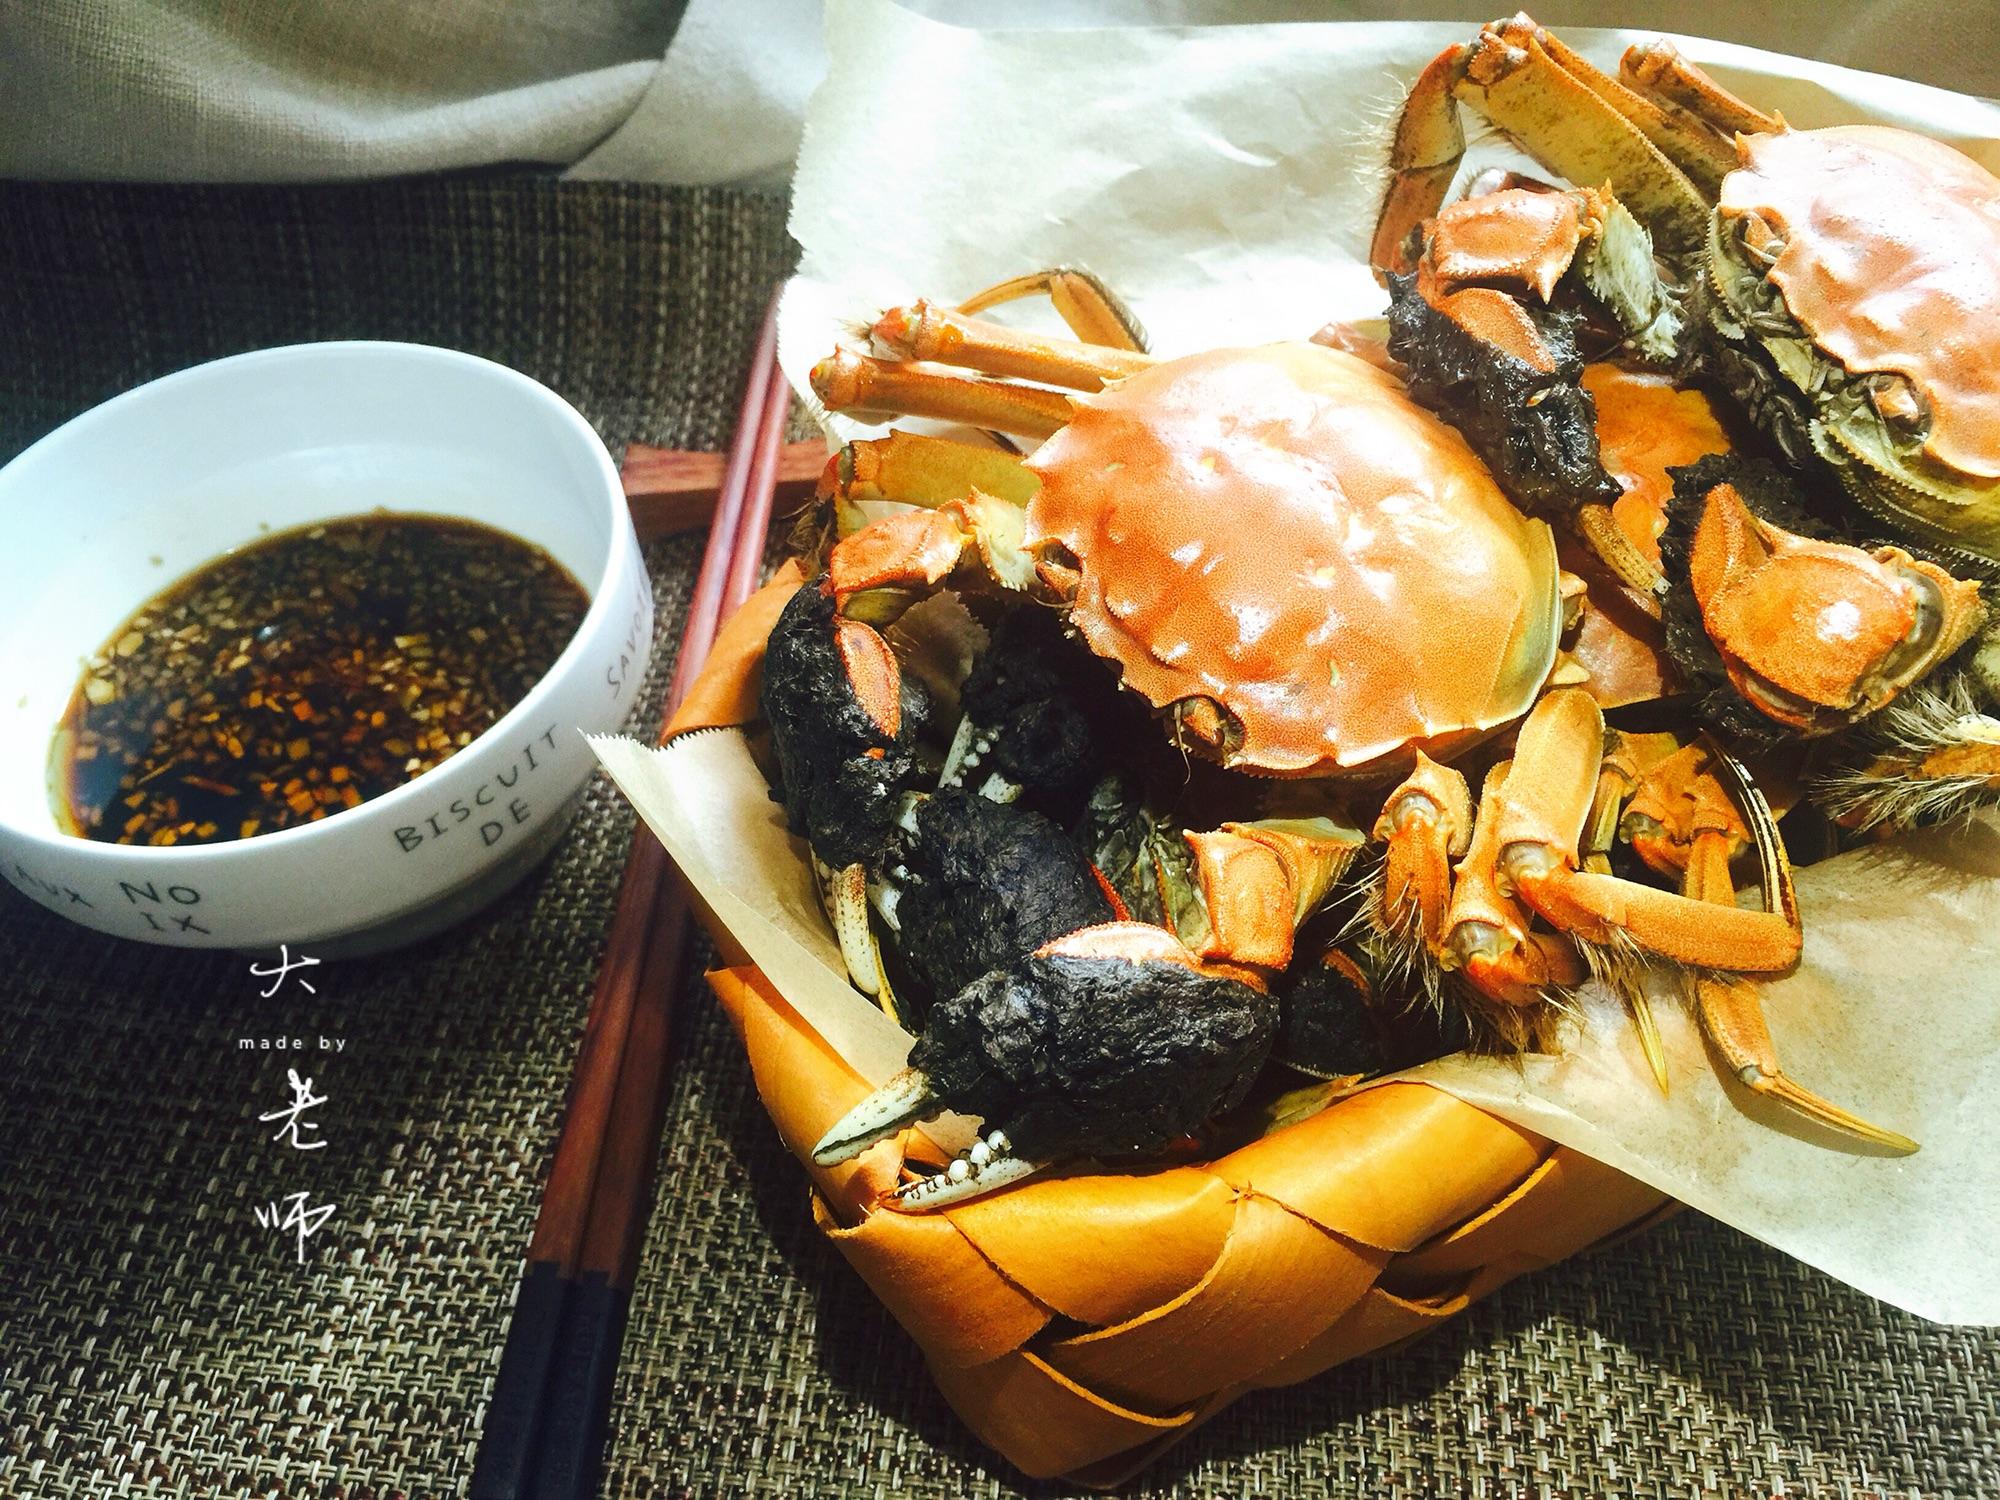 金秋河蟹-特别好吃的清蒸姜汁佐香油美味天天烧烤怎么样家常菜图片